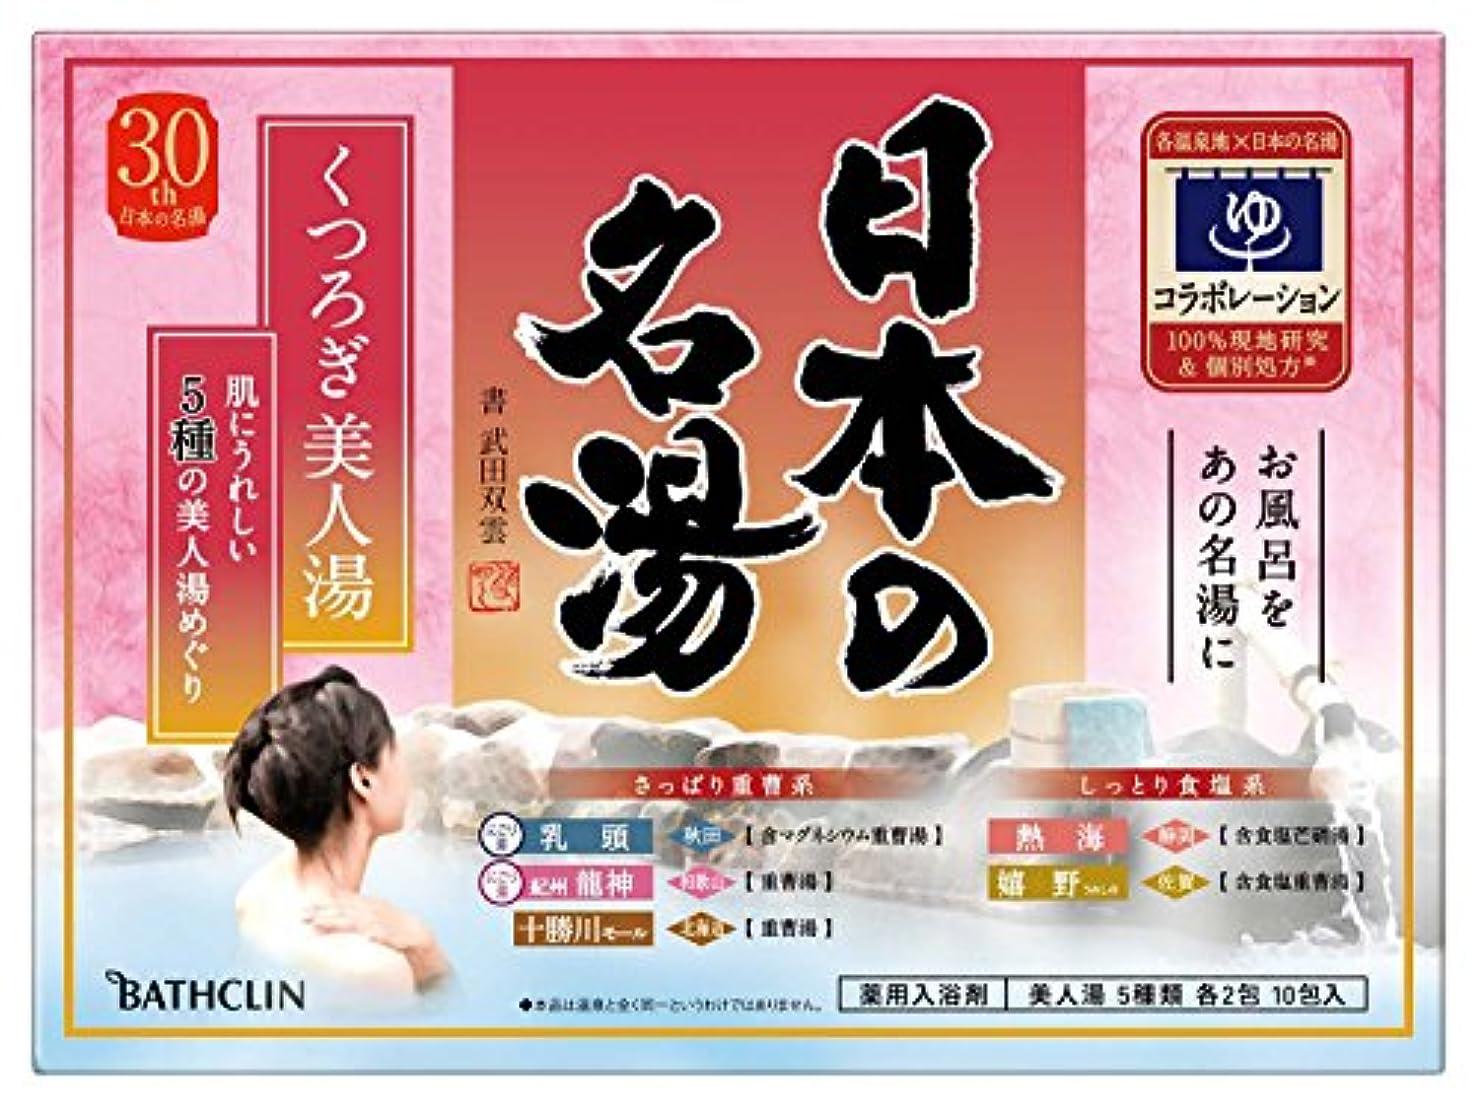 正義フォーク調子【医薬部外品】日本の名湯入浴剤 くつろぎ美人湯 30g ×10包 個包装 詰め合わせ 温泉タイプ